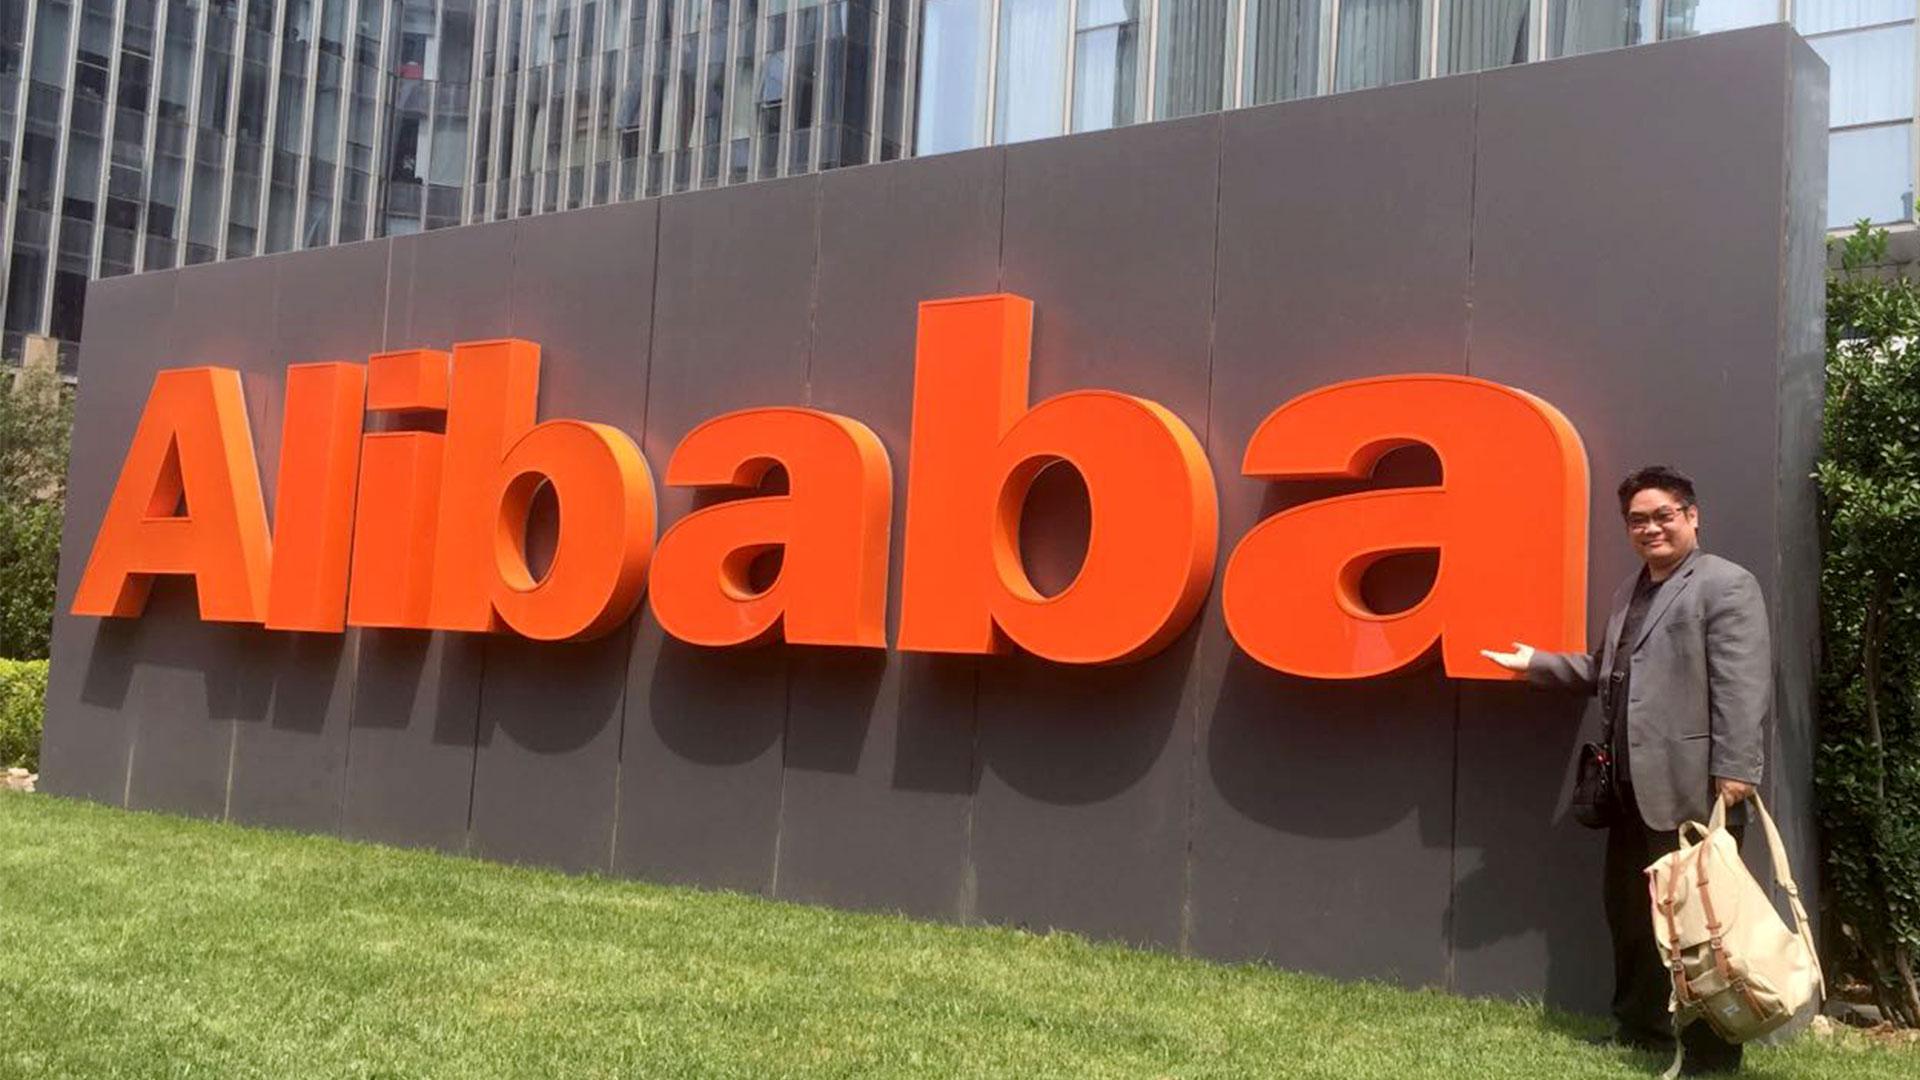 ed-alibaba.jpg